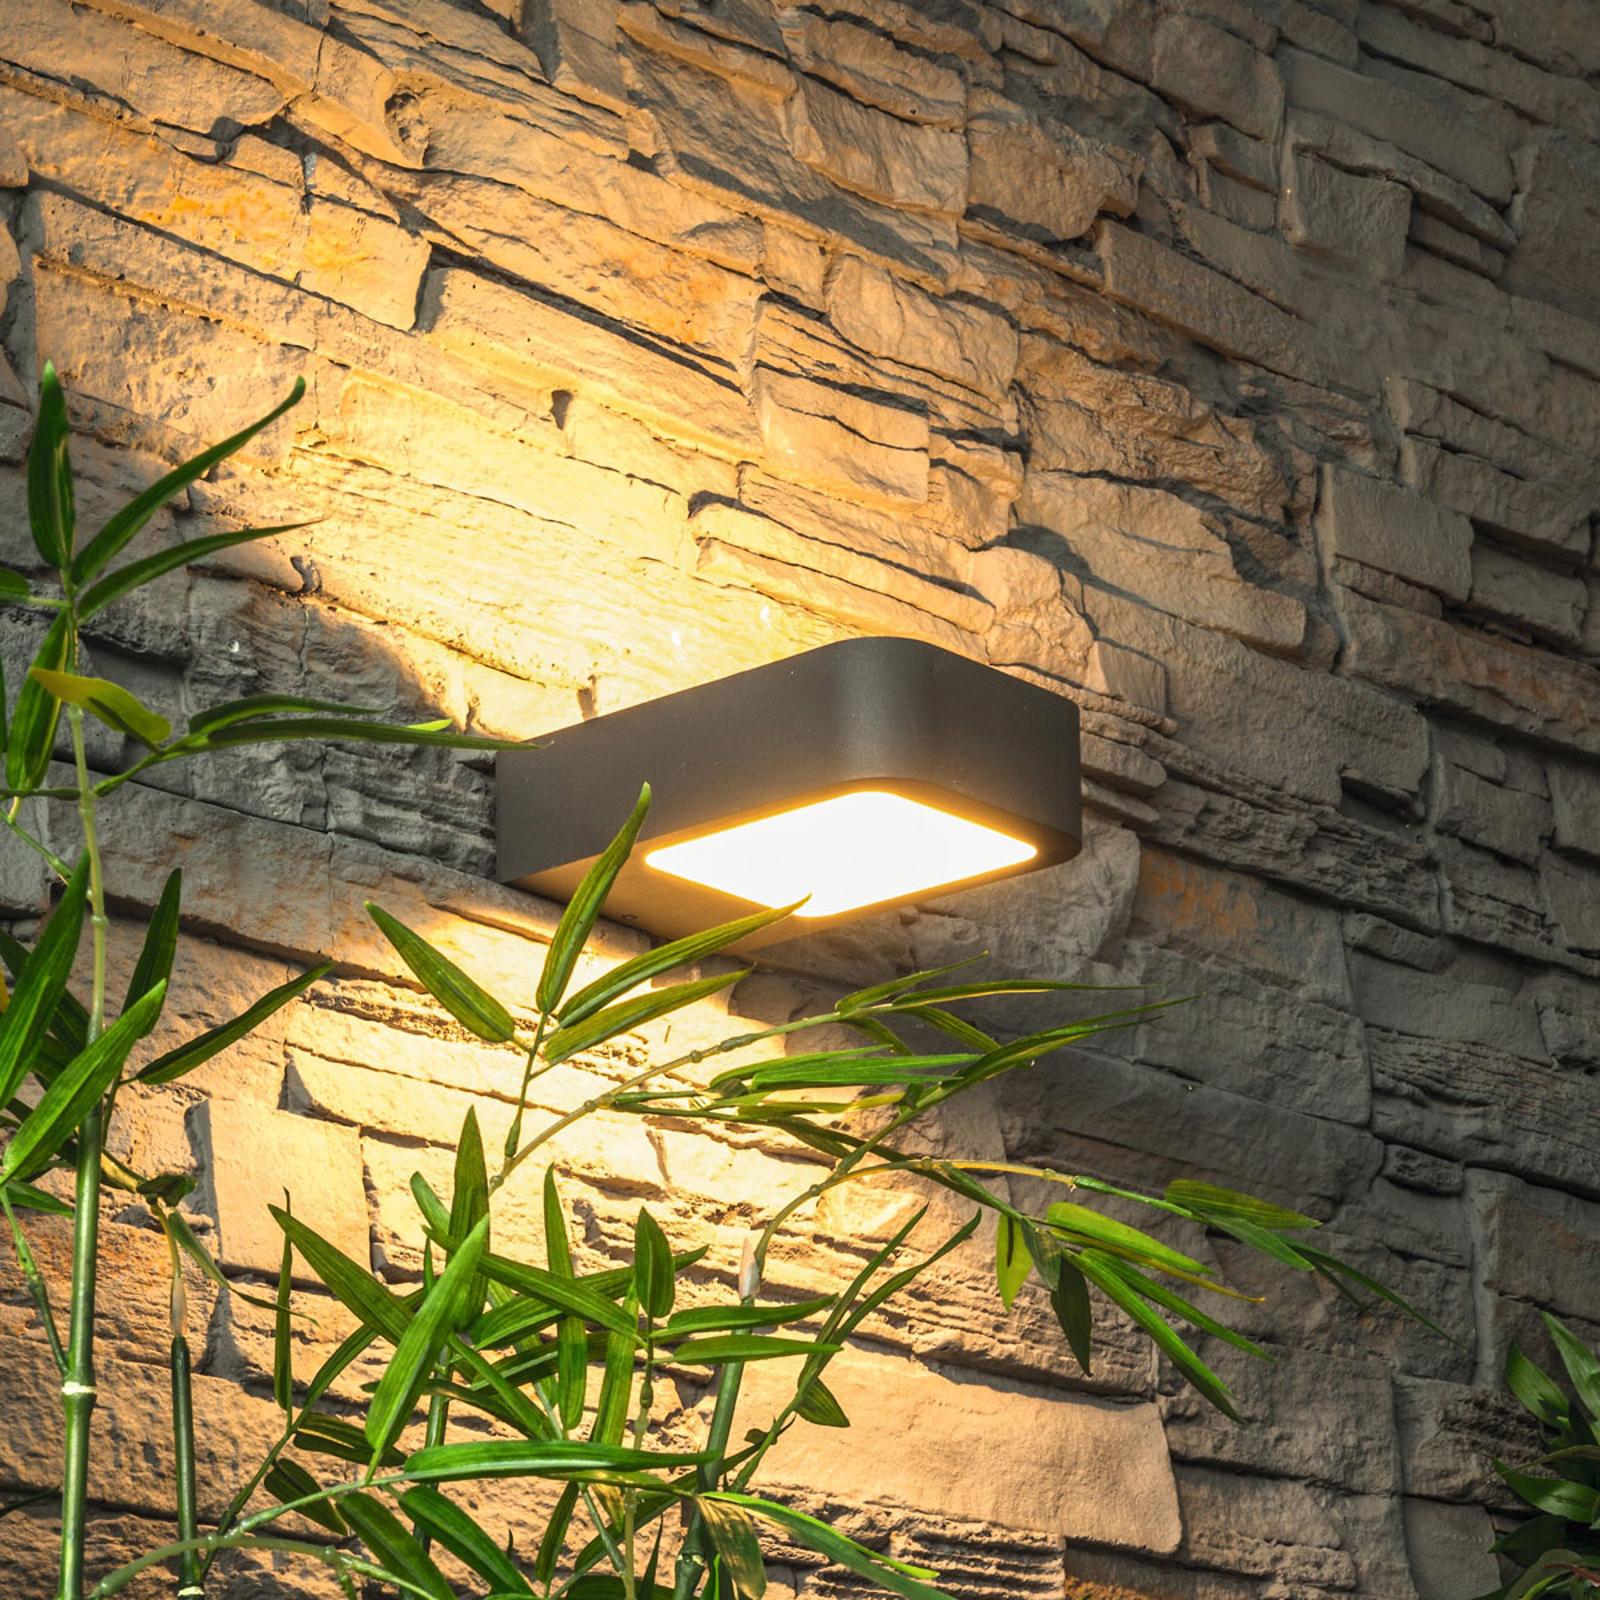 Moderni LED-seinävalaisin Juna ulkokäyttöön